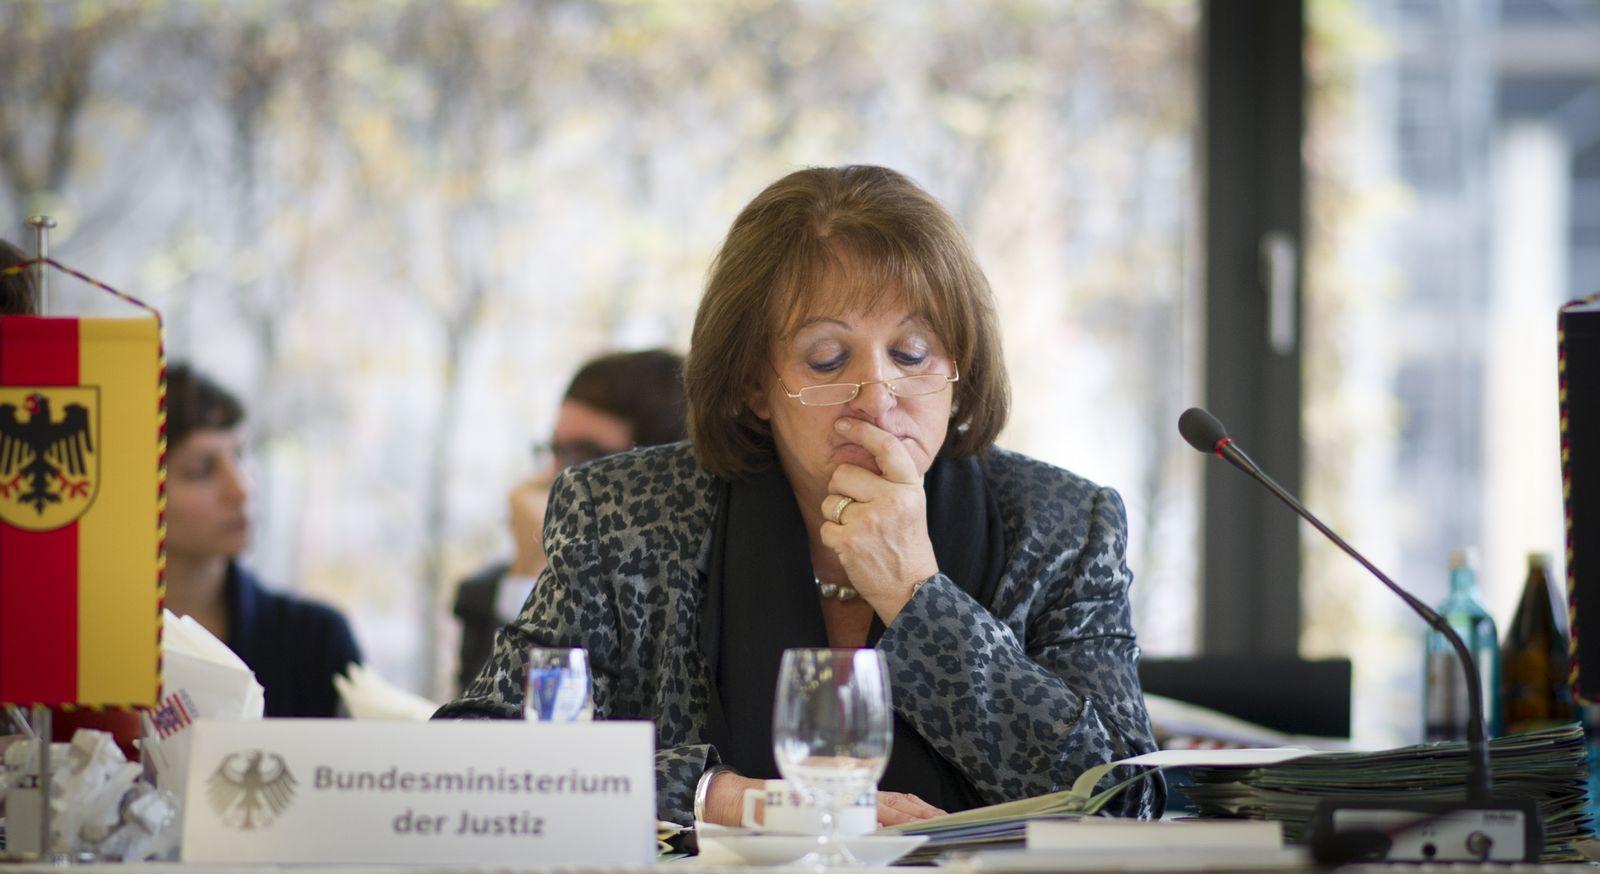 NICHT VERWENDEN Bundesjustizministerin Sabine Leutheusser-Schnarrenberger